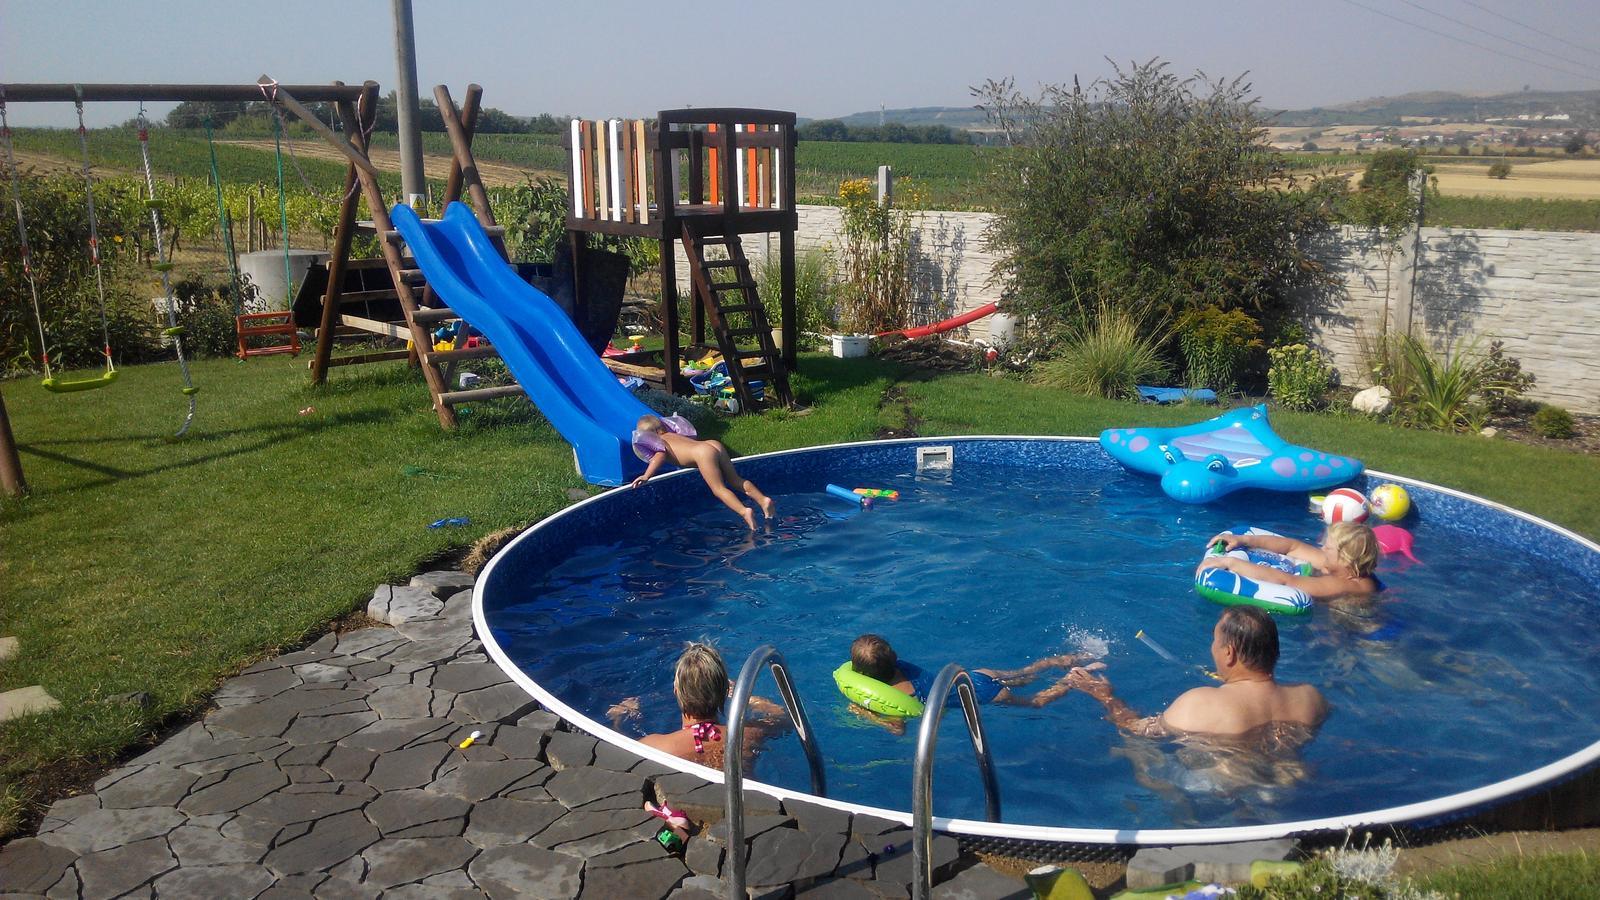 Bazén na zahradě - v plném zápřehu celé loňské léto